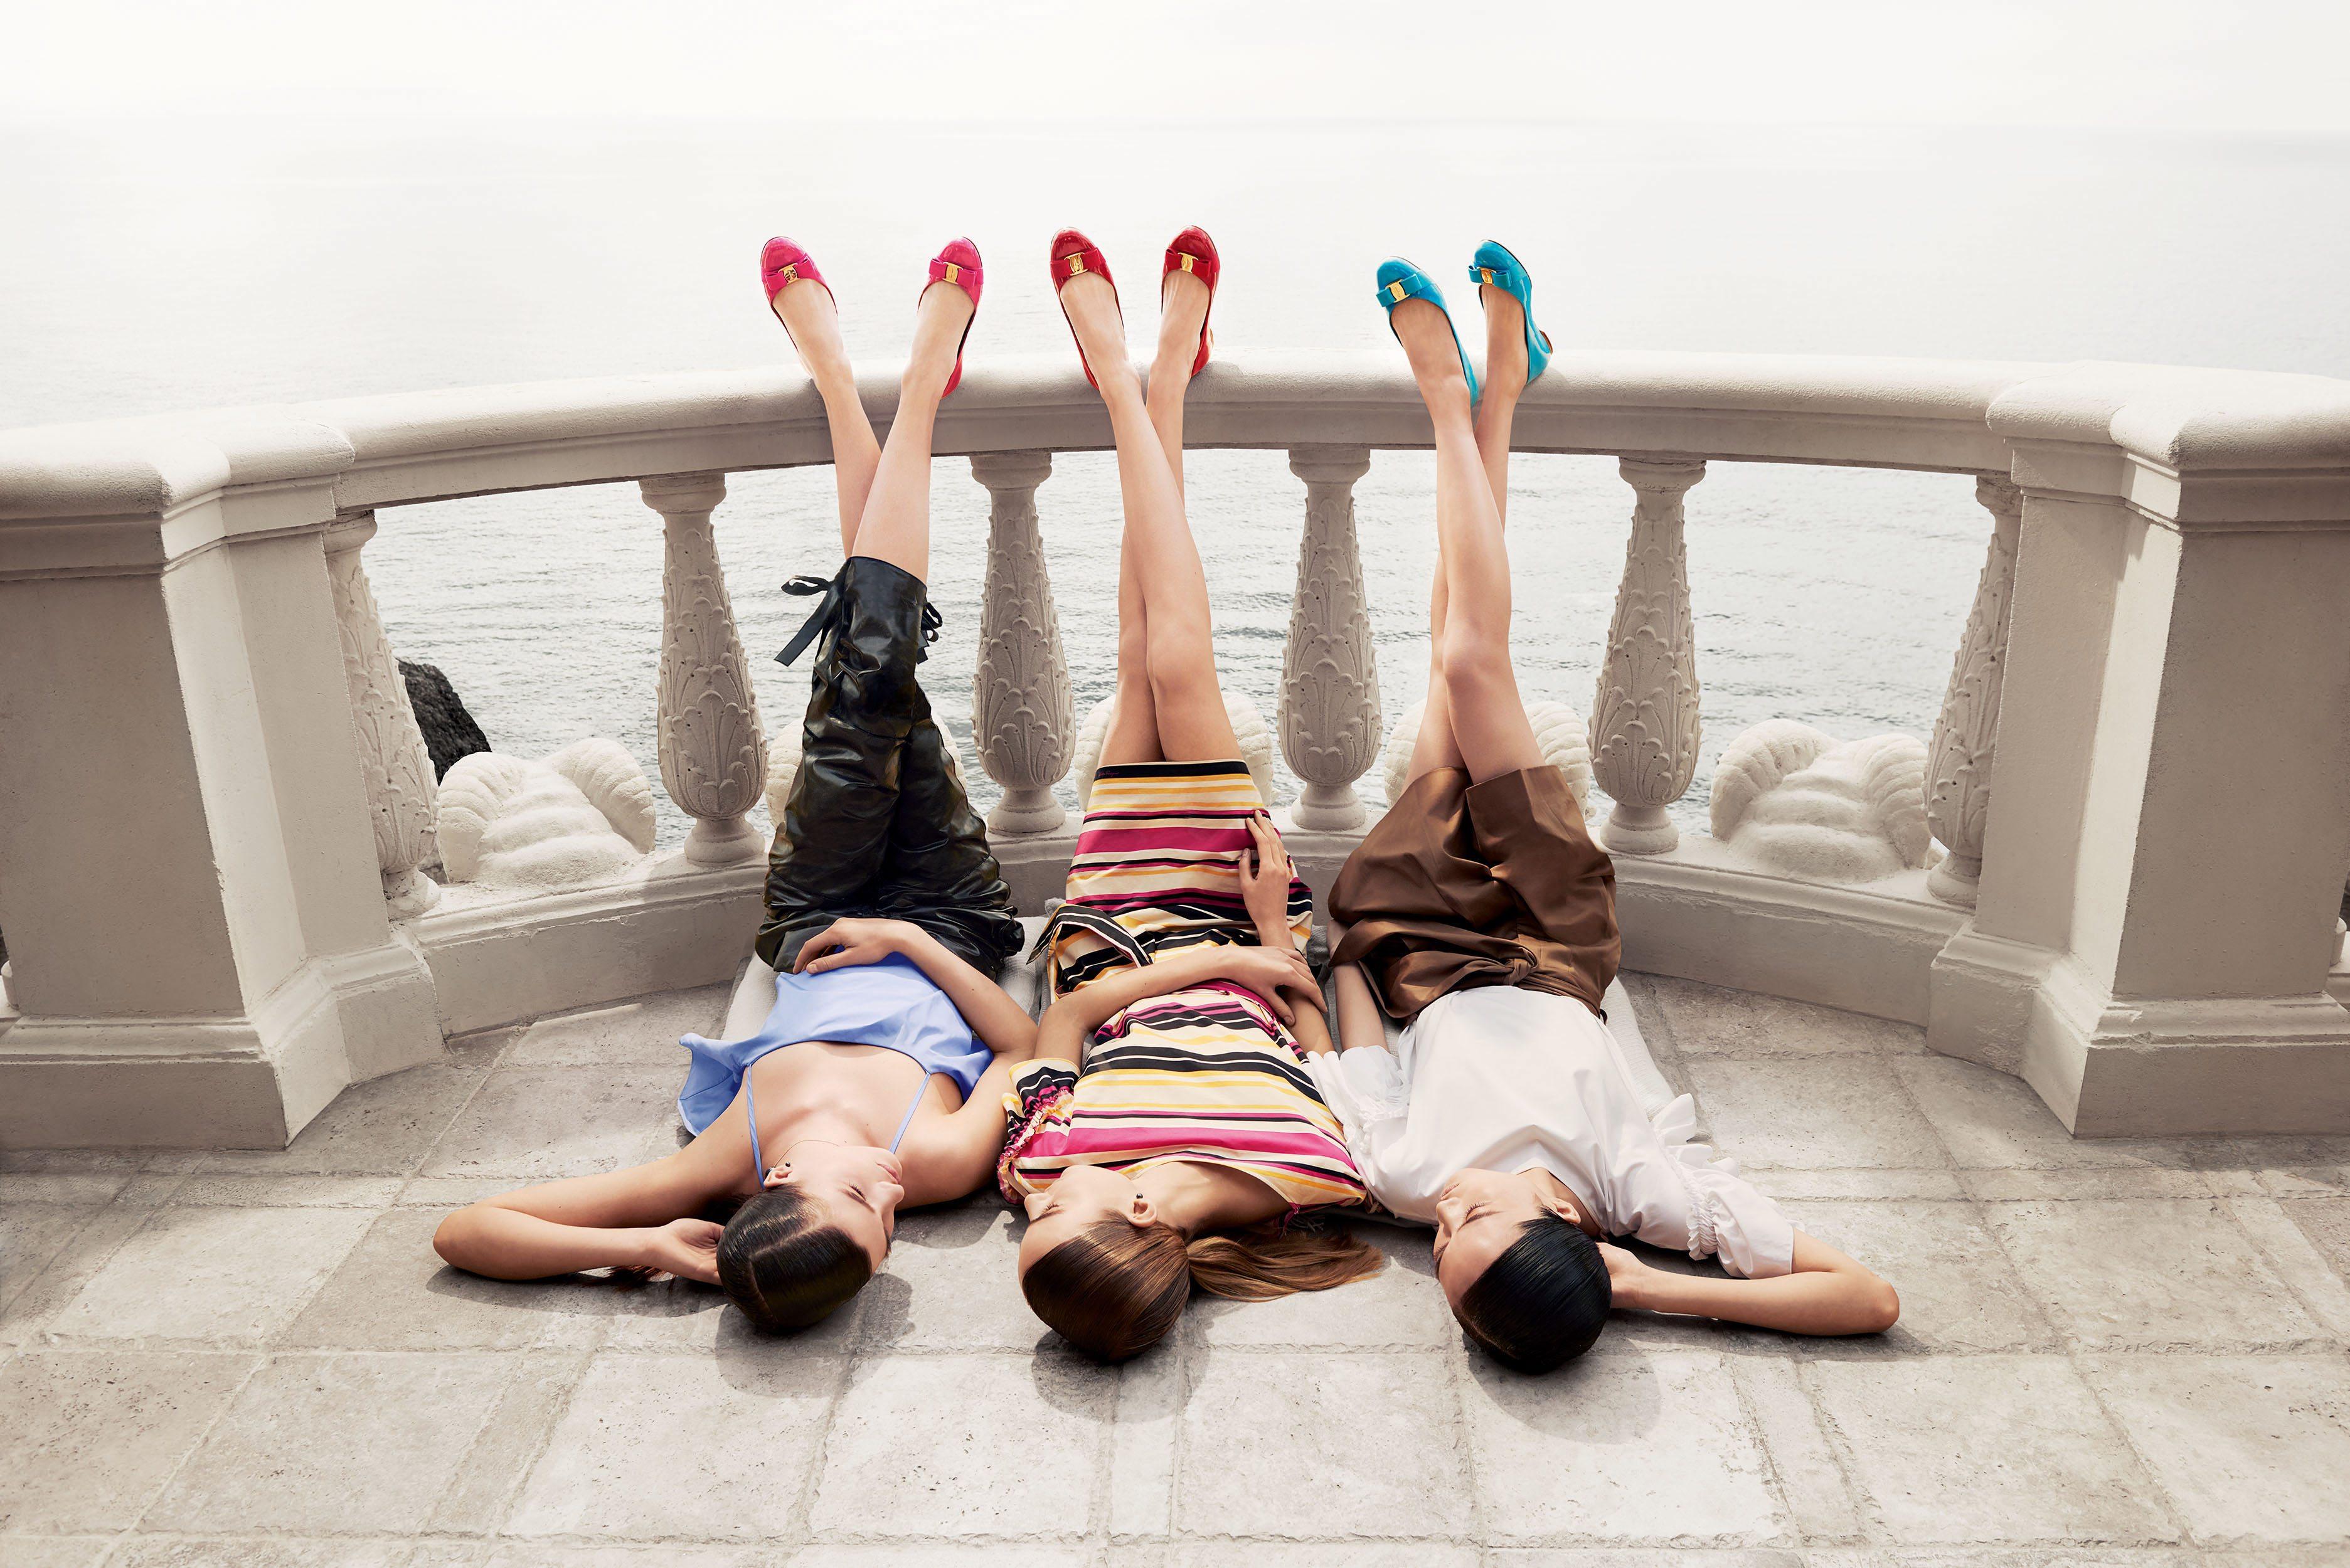 El mundo de la moda presenta nuevas campañas